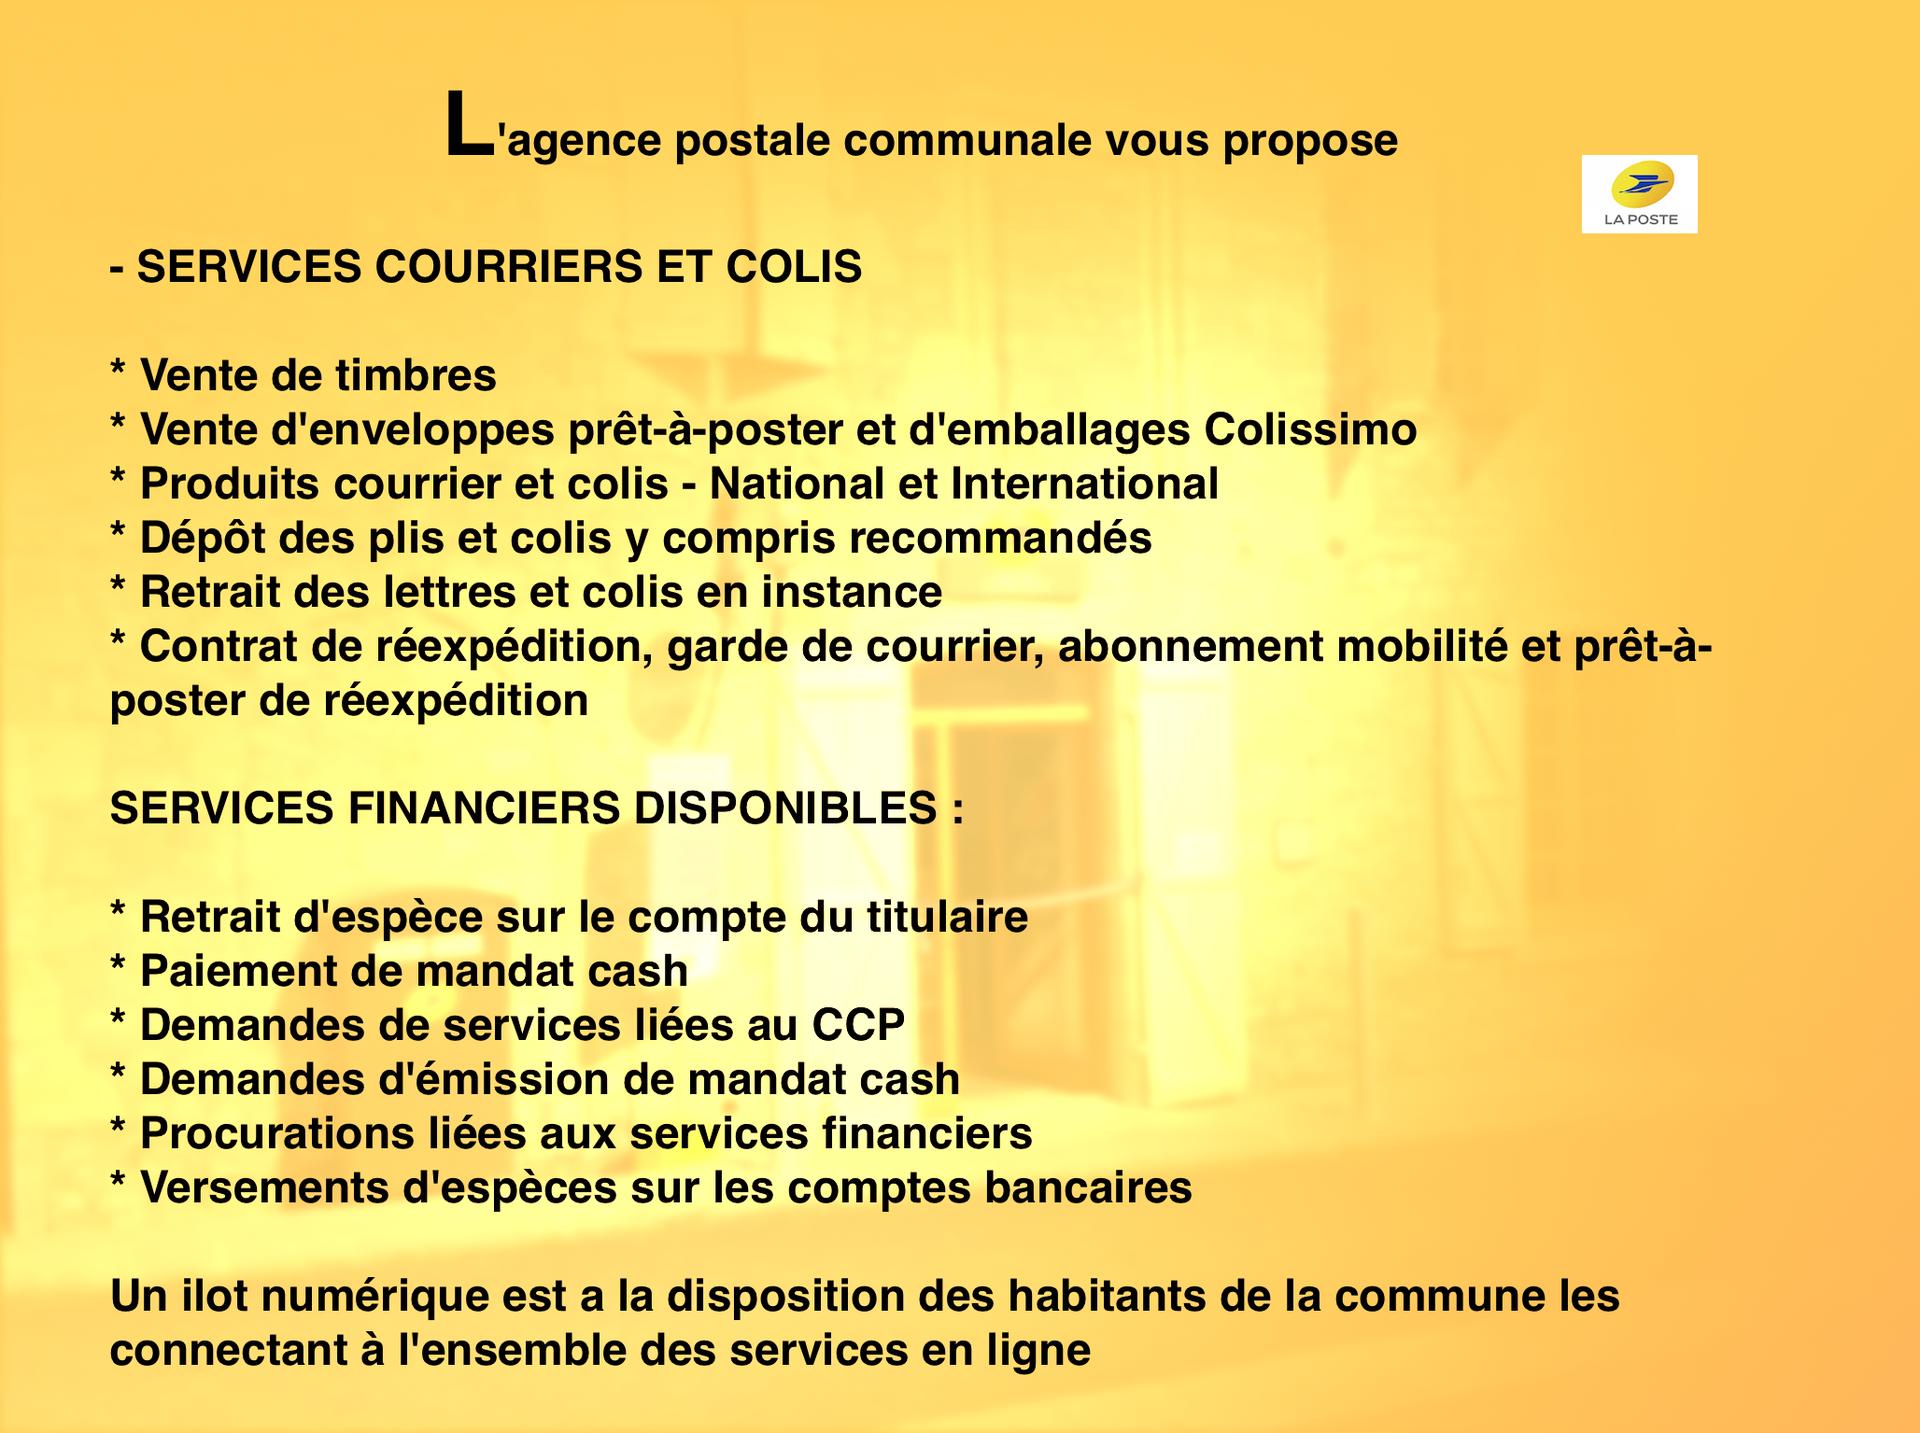 Inauguration De L Agence Postale Communale De Carlucet